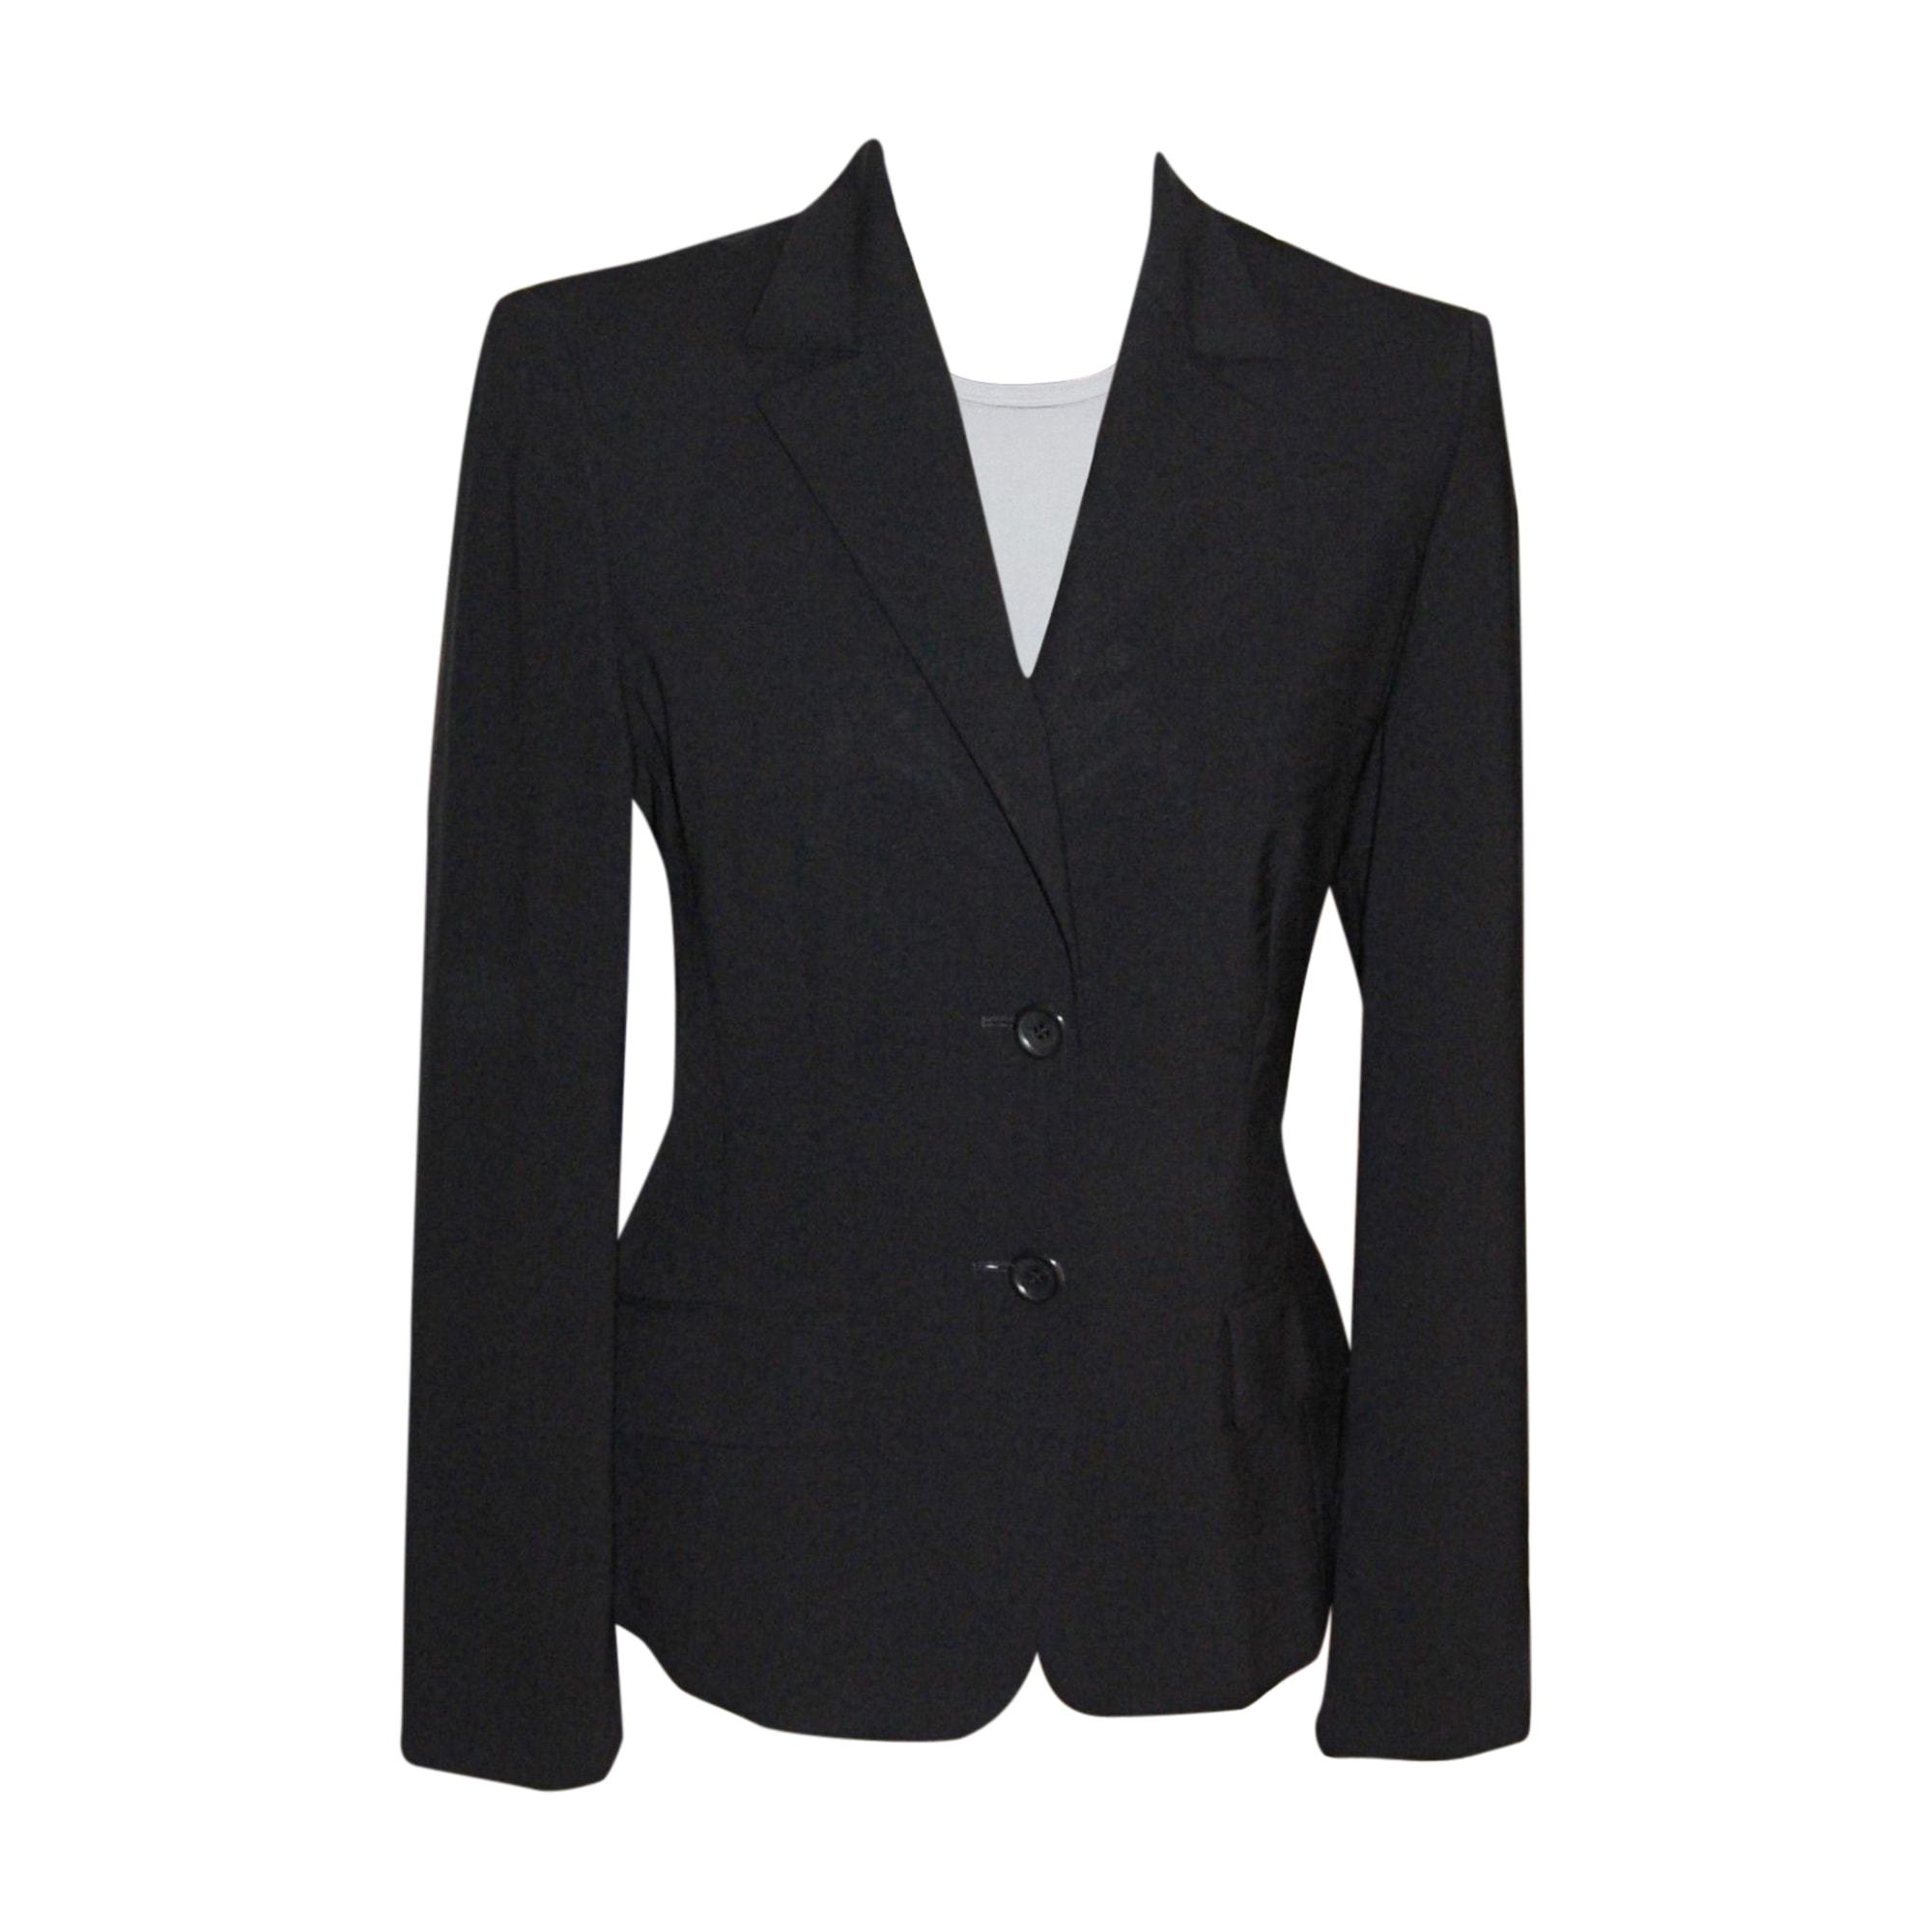 blazer veste tailleur hugo boss 38 m t2 noir 7300917. Black Bedroom Furniture Sets. Home Design Ideas